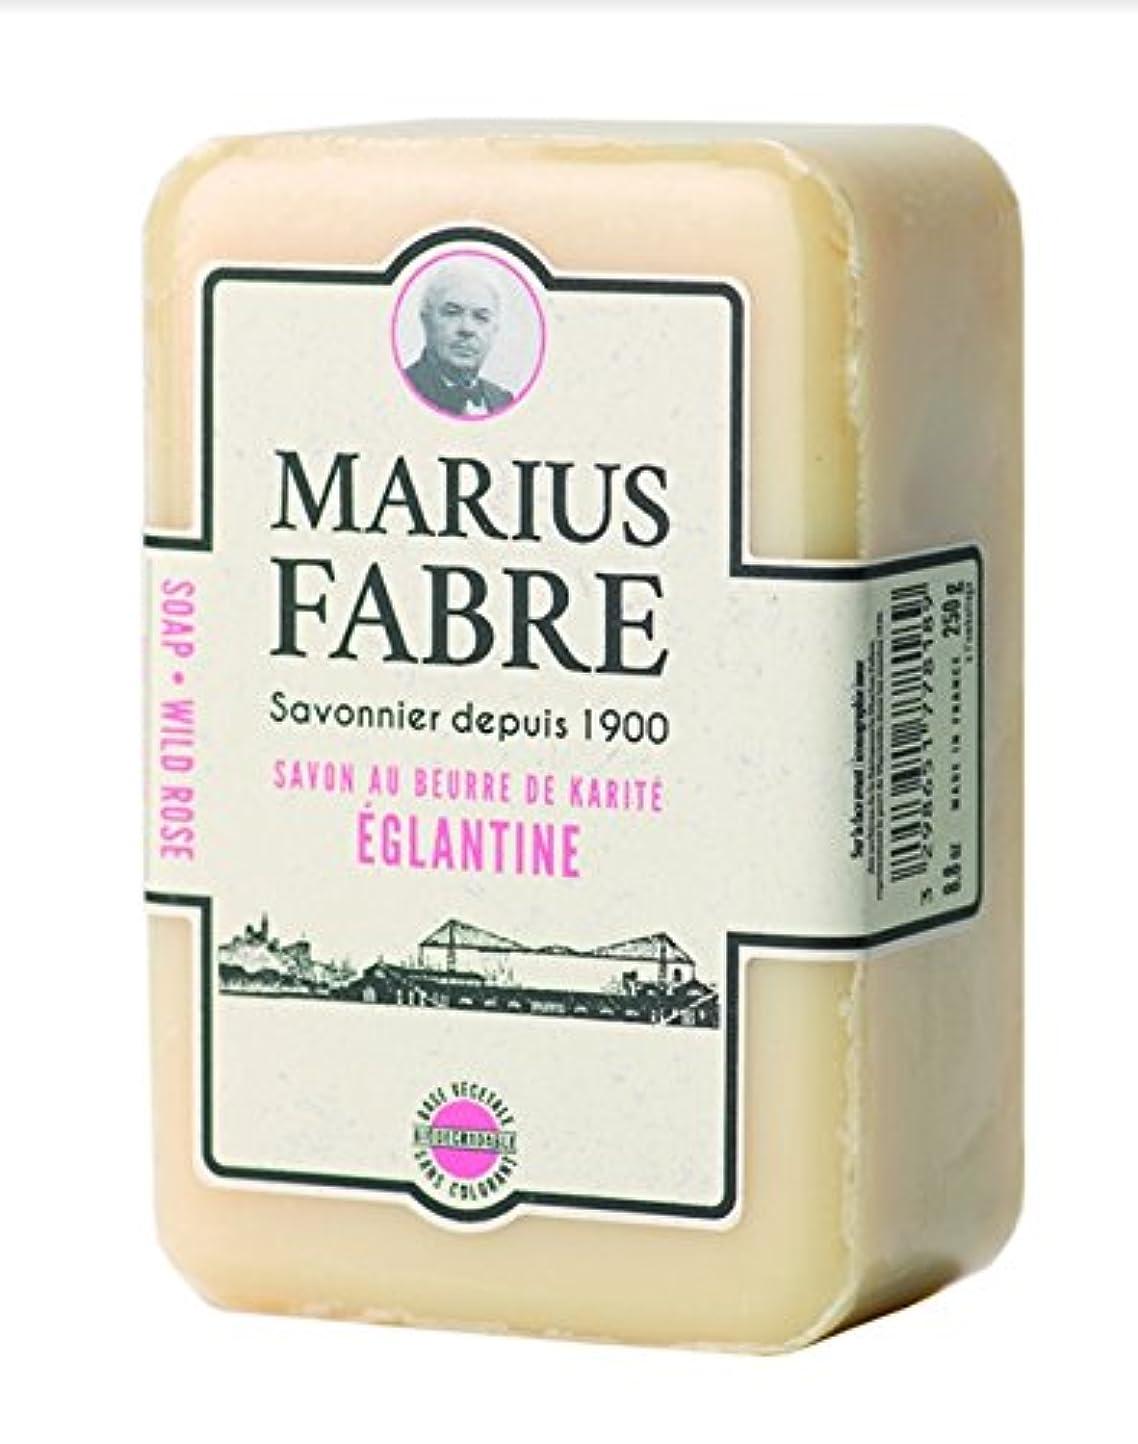 国内の白菜生き残りサボンドマルセイユ 1900 ワイルドローズ 250g